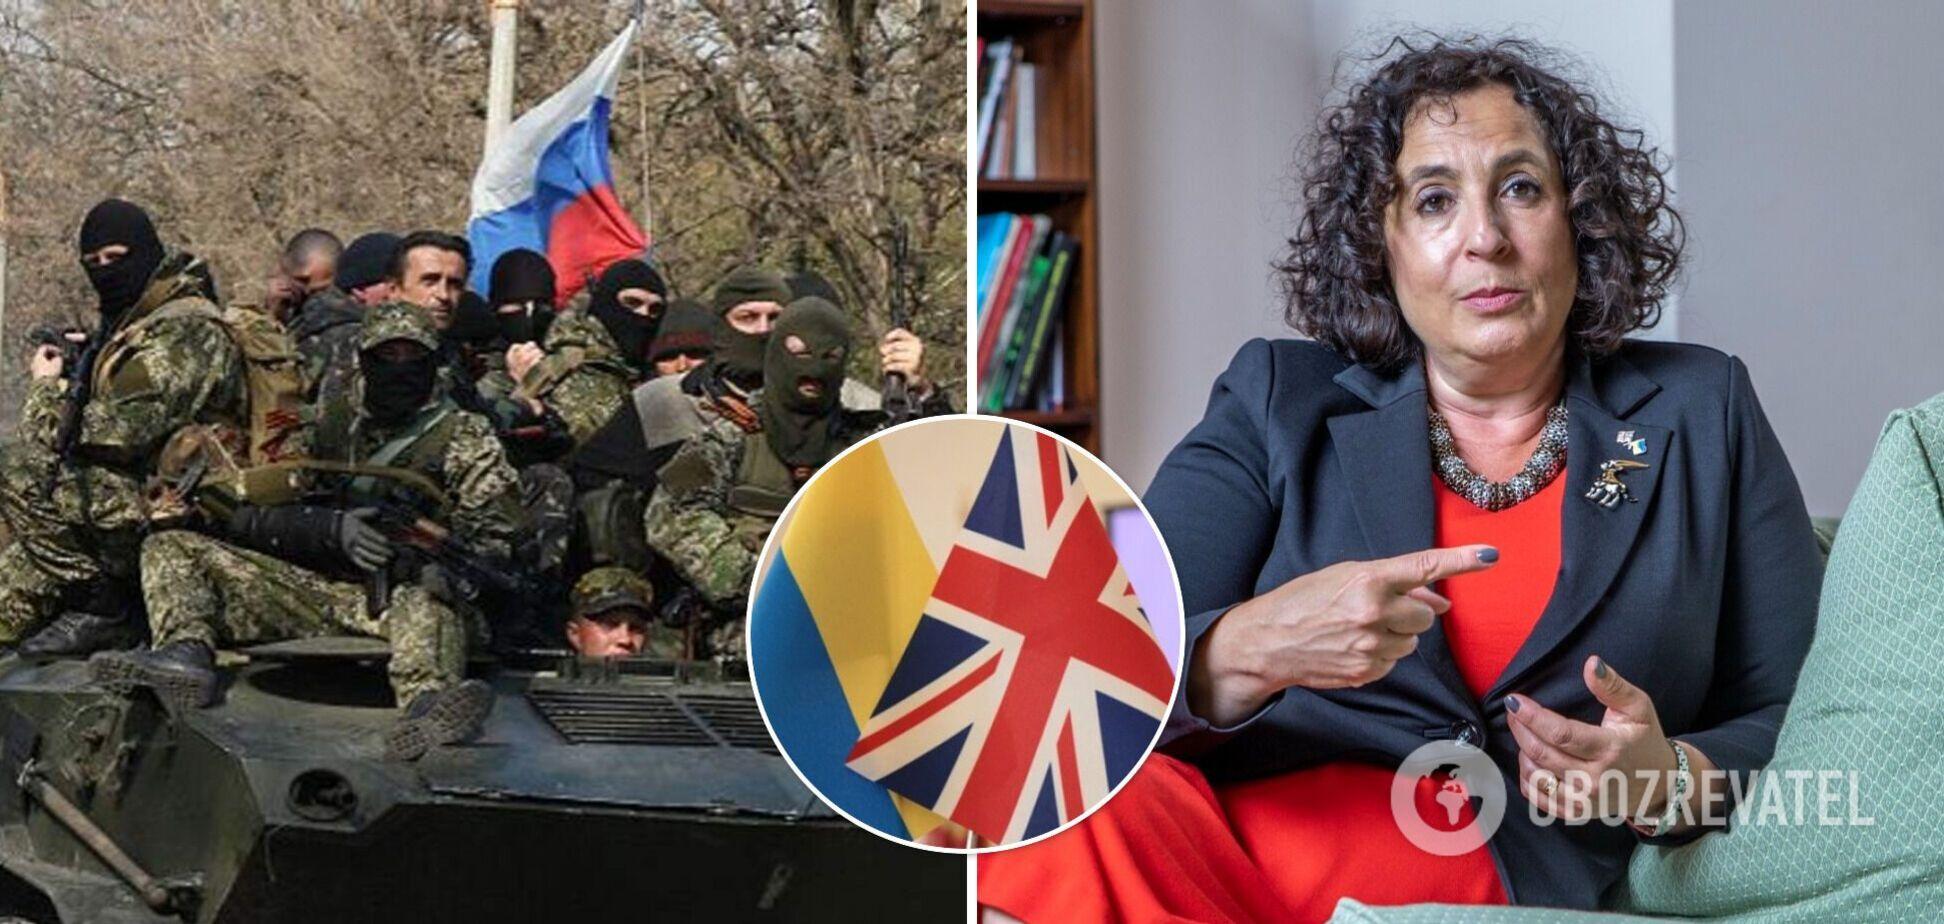 Посол Великобританії закликала Росію вивести війська з України: невинні життя під загрозою